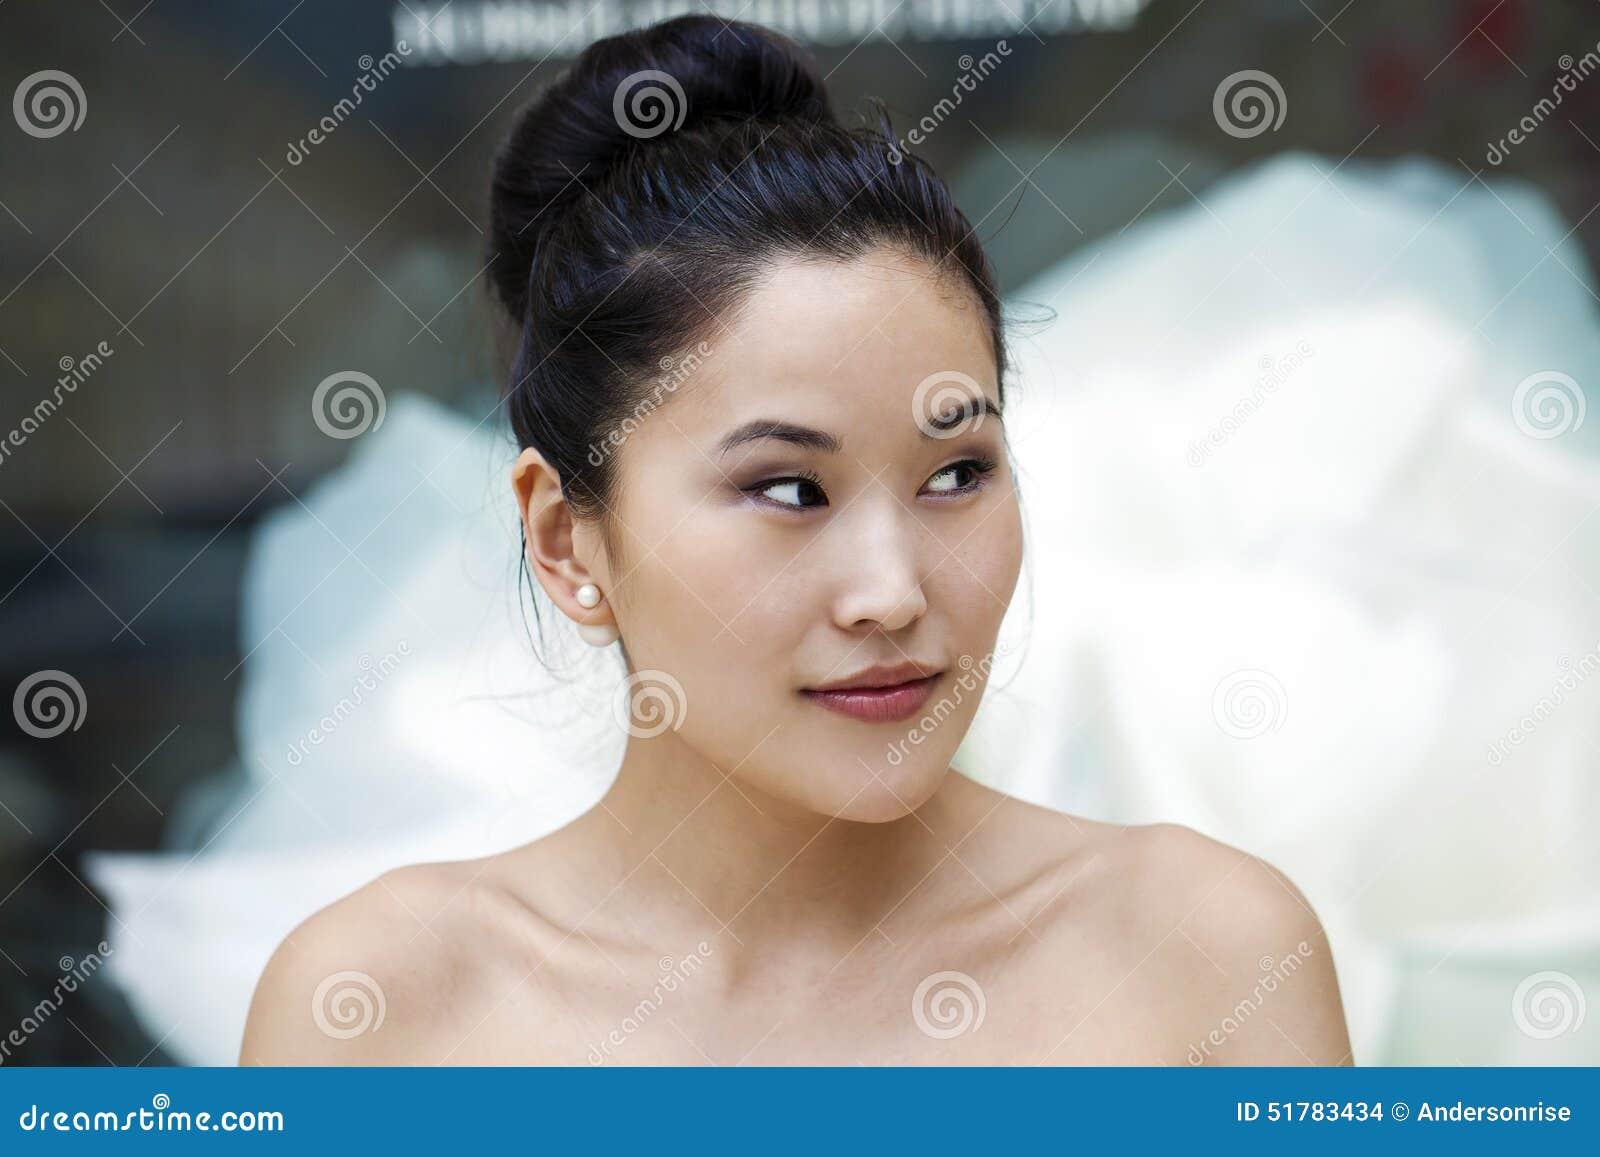 Ασιατικό πορτρέτο προσώπου ομορφιάς με την καθαρή και φρέσκια κομψή κυρία